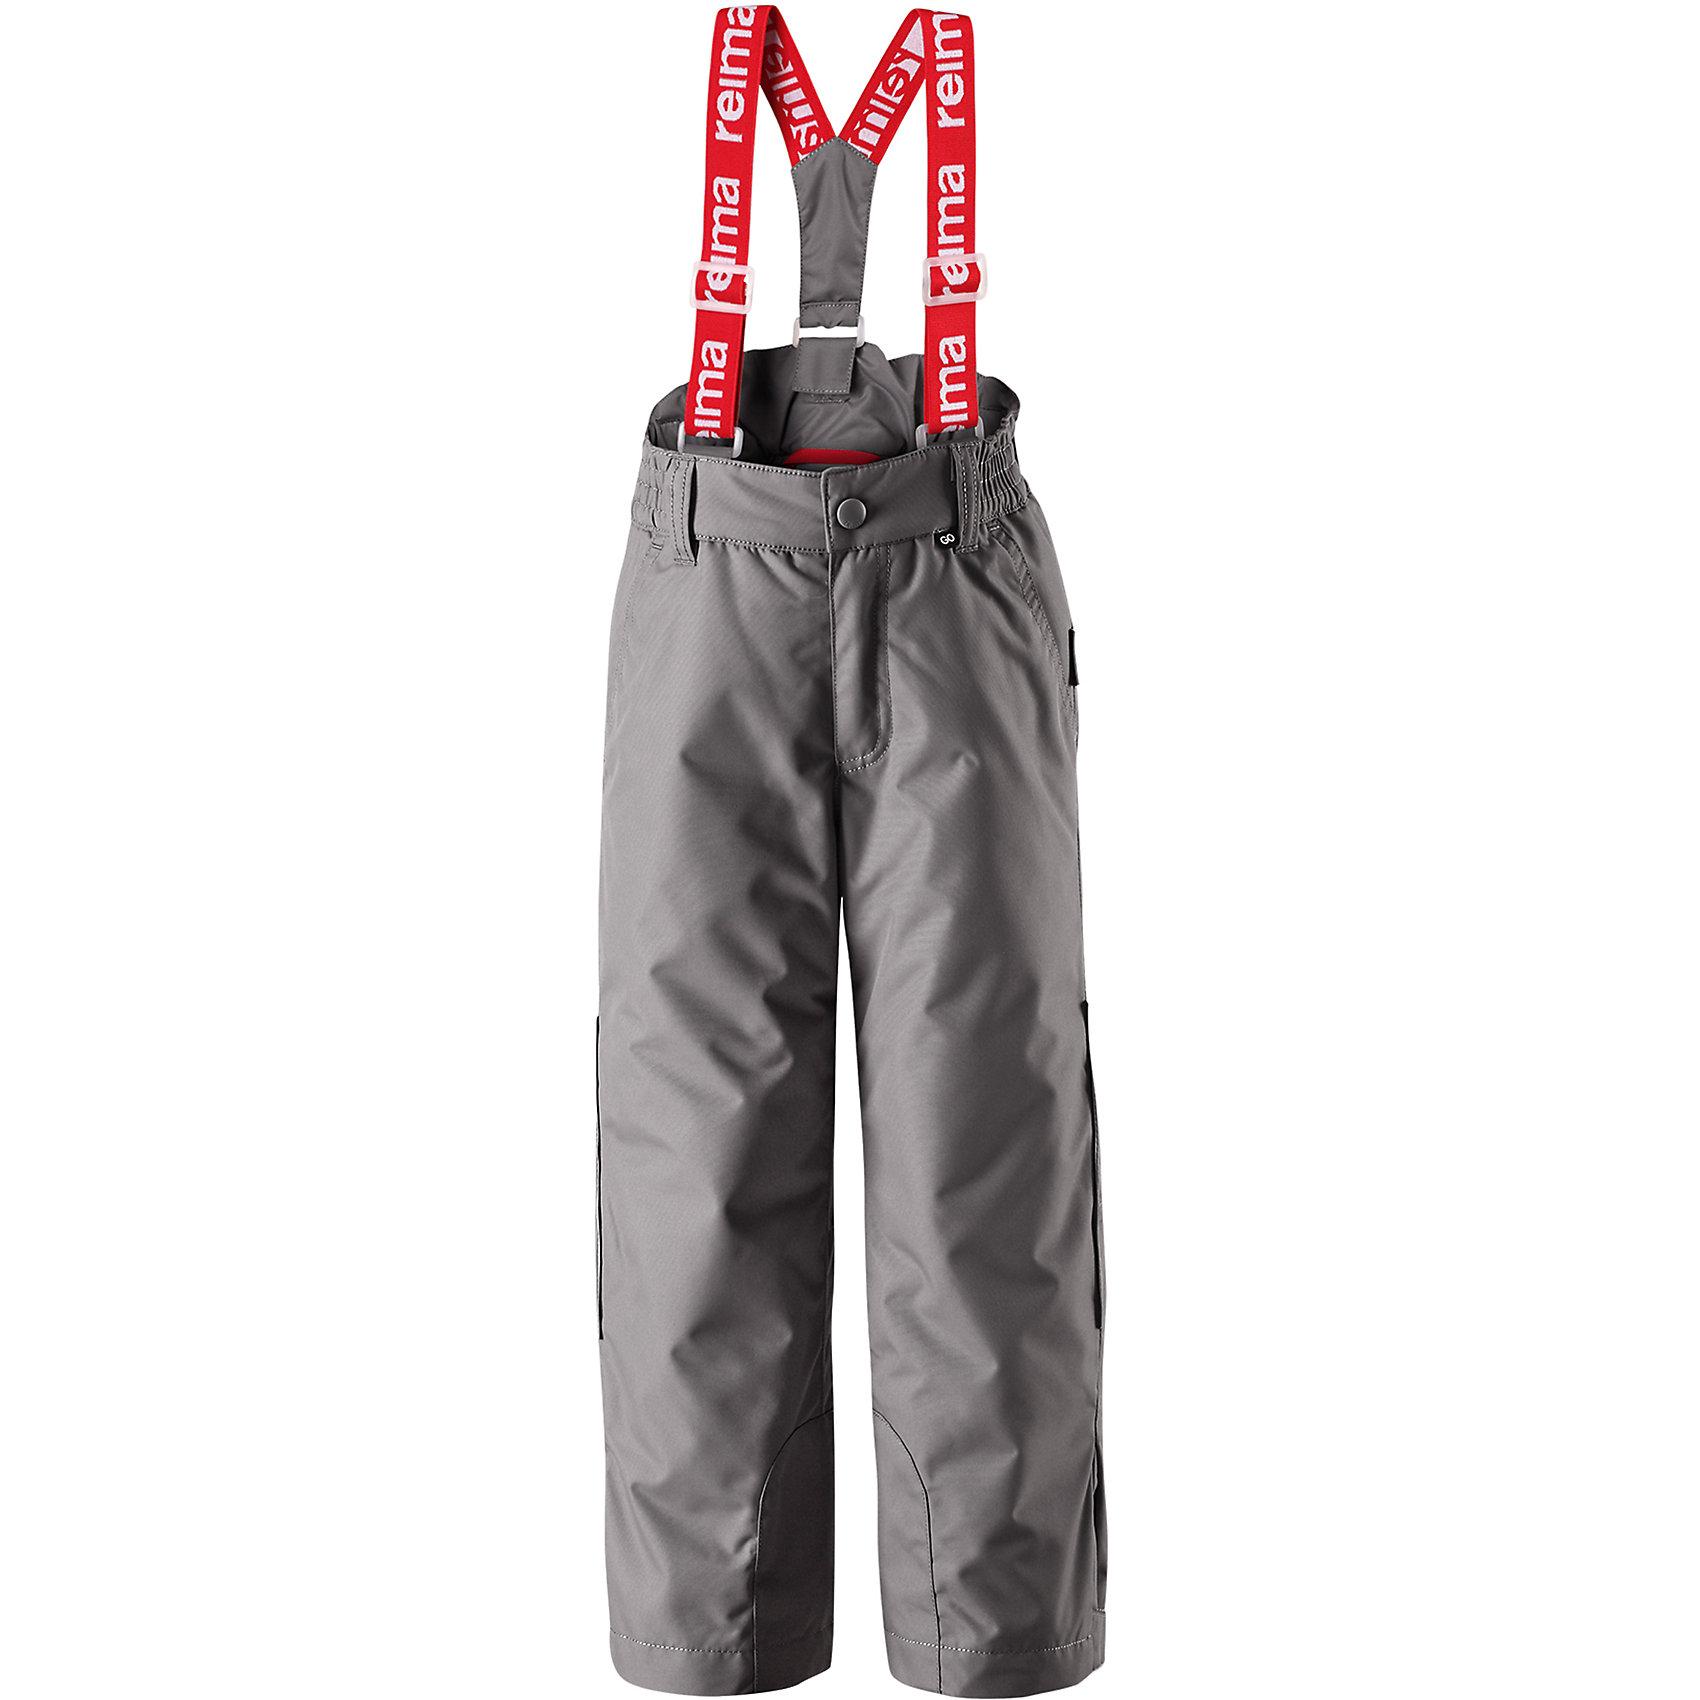 Брюки Reimatec® Reima ProcyonВерхняя одежда<br>Характеристики товара:<br><br>• цвет: серый;<br>• 100% полиэстер;<br>• утеплитель: 100% полиэстер, 120 г/м2;<br>• сезон: зима;<br>• температурный режим: от 0 до -20С;<br>• водонепроницаемость: 8000 мм;<br>• воздухопроницаемость: 10000 мм;<br>• износостойкость: 30000 циклов (тест Мартиндейла)<br>• водо- и ветронепроницаемый, дышащий и грязеотталкивающий материал;<br>• основные швы проклеены и водонепроницаемы;<br>• гладкая подкладка из полиэстера;<br>• съемные, регулируемые подтяжки;<br>• застежка: молния и пуговица;<br>• регулируемый низ брючин;<br>• снегозащитные манжеты на штанинах;<br>• два боковых кармана;<br>• потайной карман для датчика ReimaGO®;<br>• светоотражающие элементы;<br>• страна бренда: Финляндия;<br>• страна производства: Китай.<br><br>Водо и ветронепроницаемые зимние брюки Reimatec® сшиты из очень прочного, высокотехнологичного материала – дышащего и грязеотталкивающего. Основные швы проклеены, водонепроницаемы, а защита от снега на концах брючин не пропускает снег внутрь. <br>Благодаря мягкой полиэстеровой подкладке, эти зимние брюки легко надевать и удобно носить. Съемные регулируемые подтяжки позволяют подогнать брюки идеально по размеру. Эту удобную зимнюю модель довершают практичные детали: светоотражающие элементы, два боковых кармана и потайной мини-карман для сенсора ReimaGO.<br><br>Брюки Procyon Reimatec® Reima (Рейма) можно купить в нашем интернет-магазине.<br><br>Ширина мм: 215<br>Глубина мм: 88<br>Высота мм: 191<br>Вес г: 336<br>Цвет: серый<br>Возраст от месяцев: 72<br>Возраст до месяцев: 84<br>Пол: Унисекс<br>Возраст: Детский<br>Размер: 122,128,134,140,110,104,116<br>SKU: 6901665